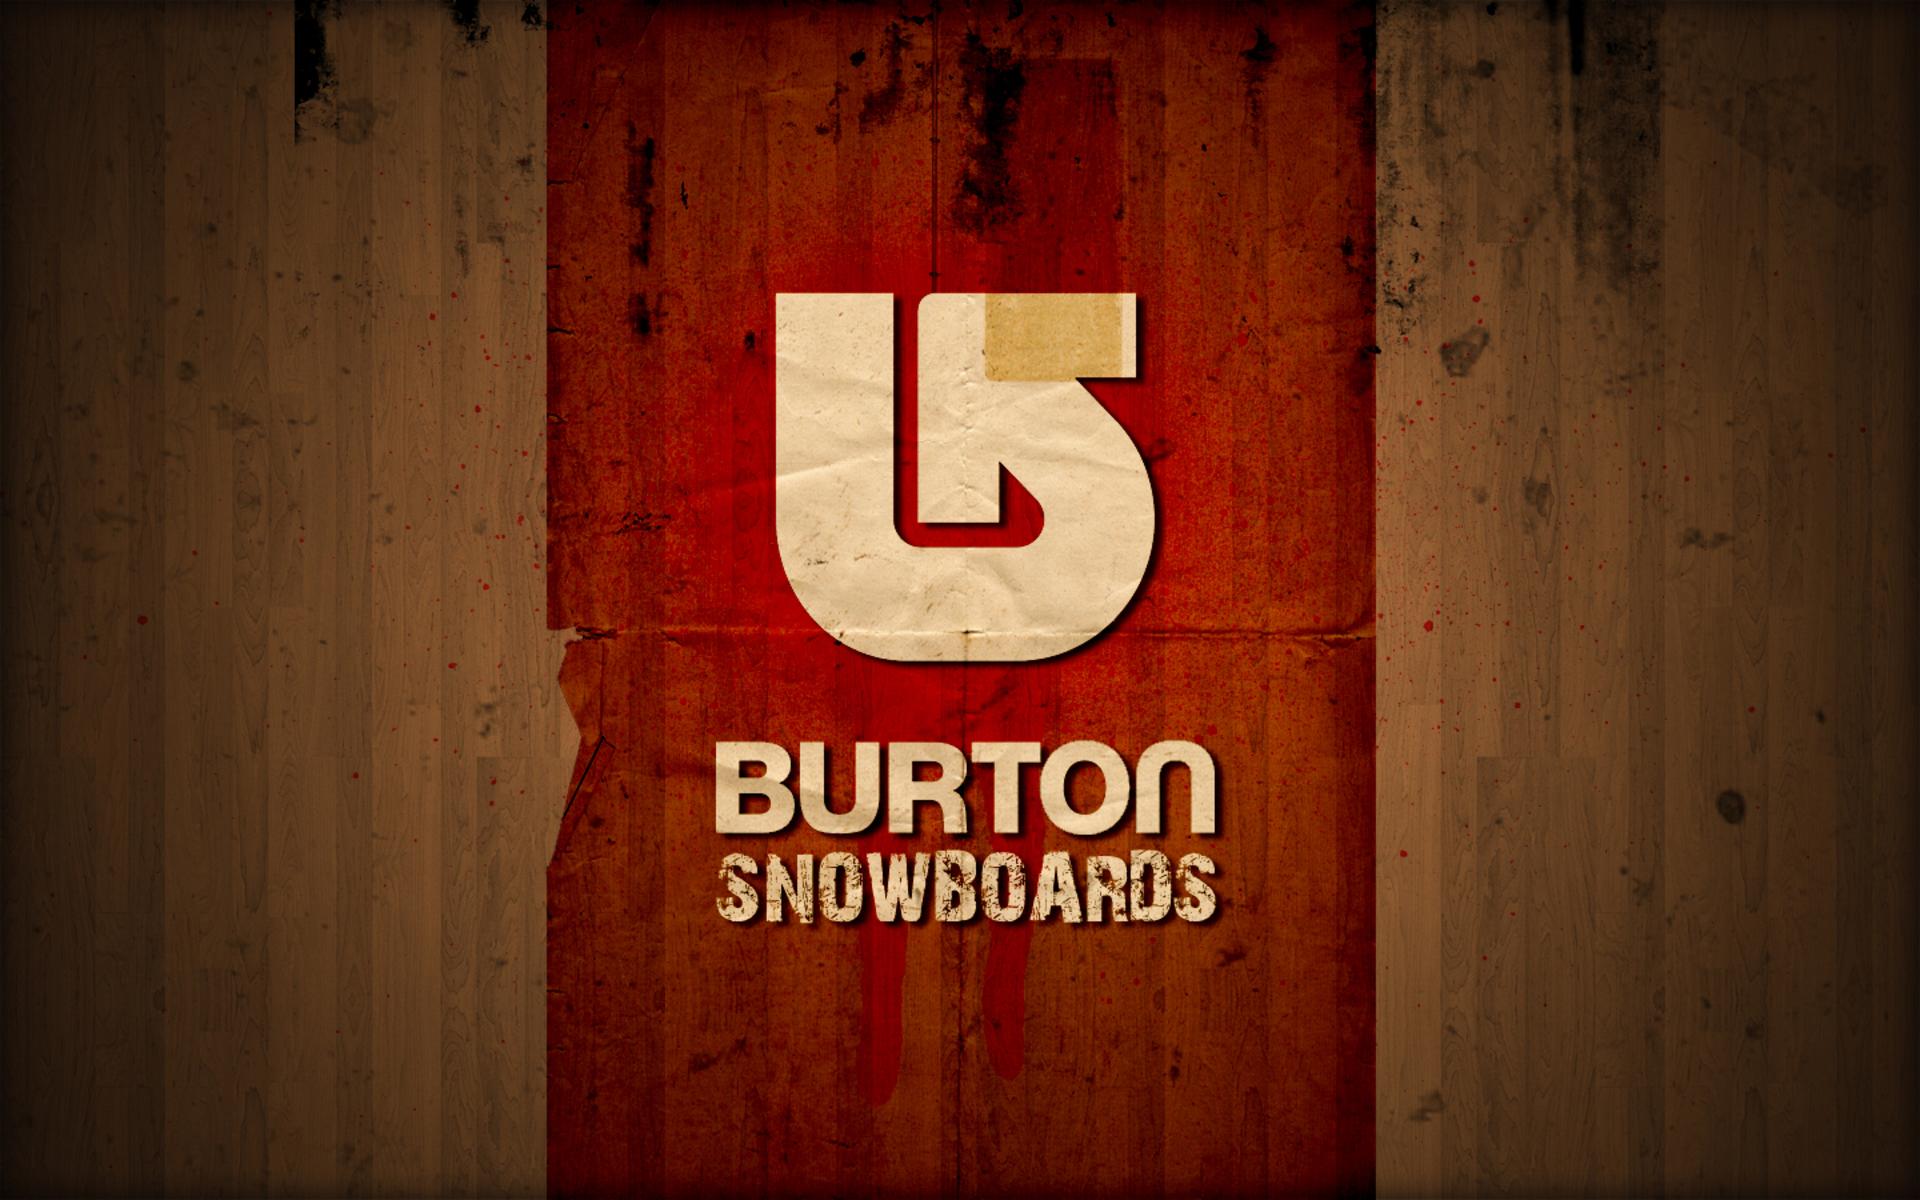 BURTON snowboard, скачать фото, обои для рабочего стола, фото, сноуборд